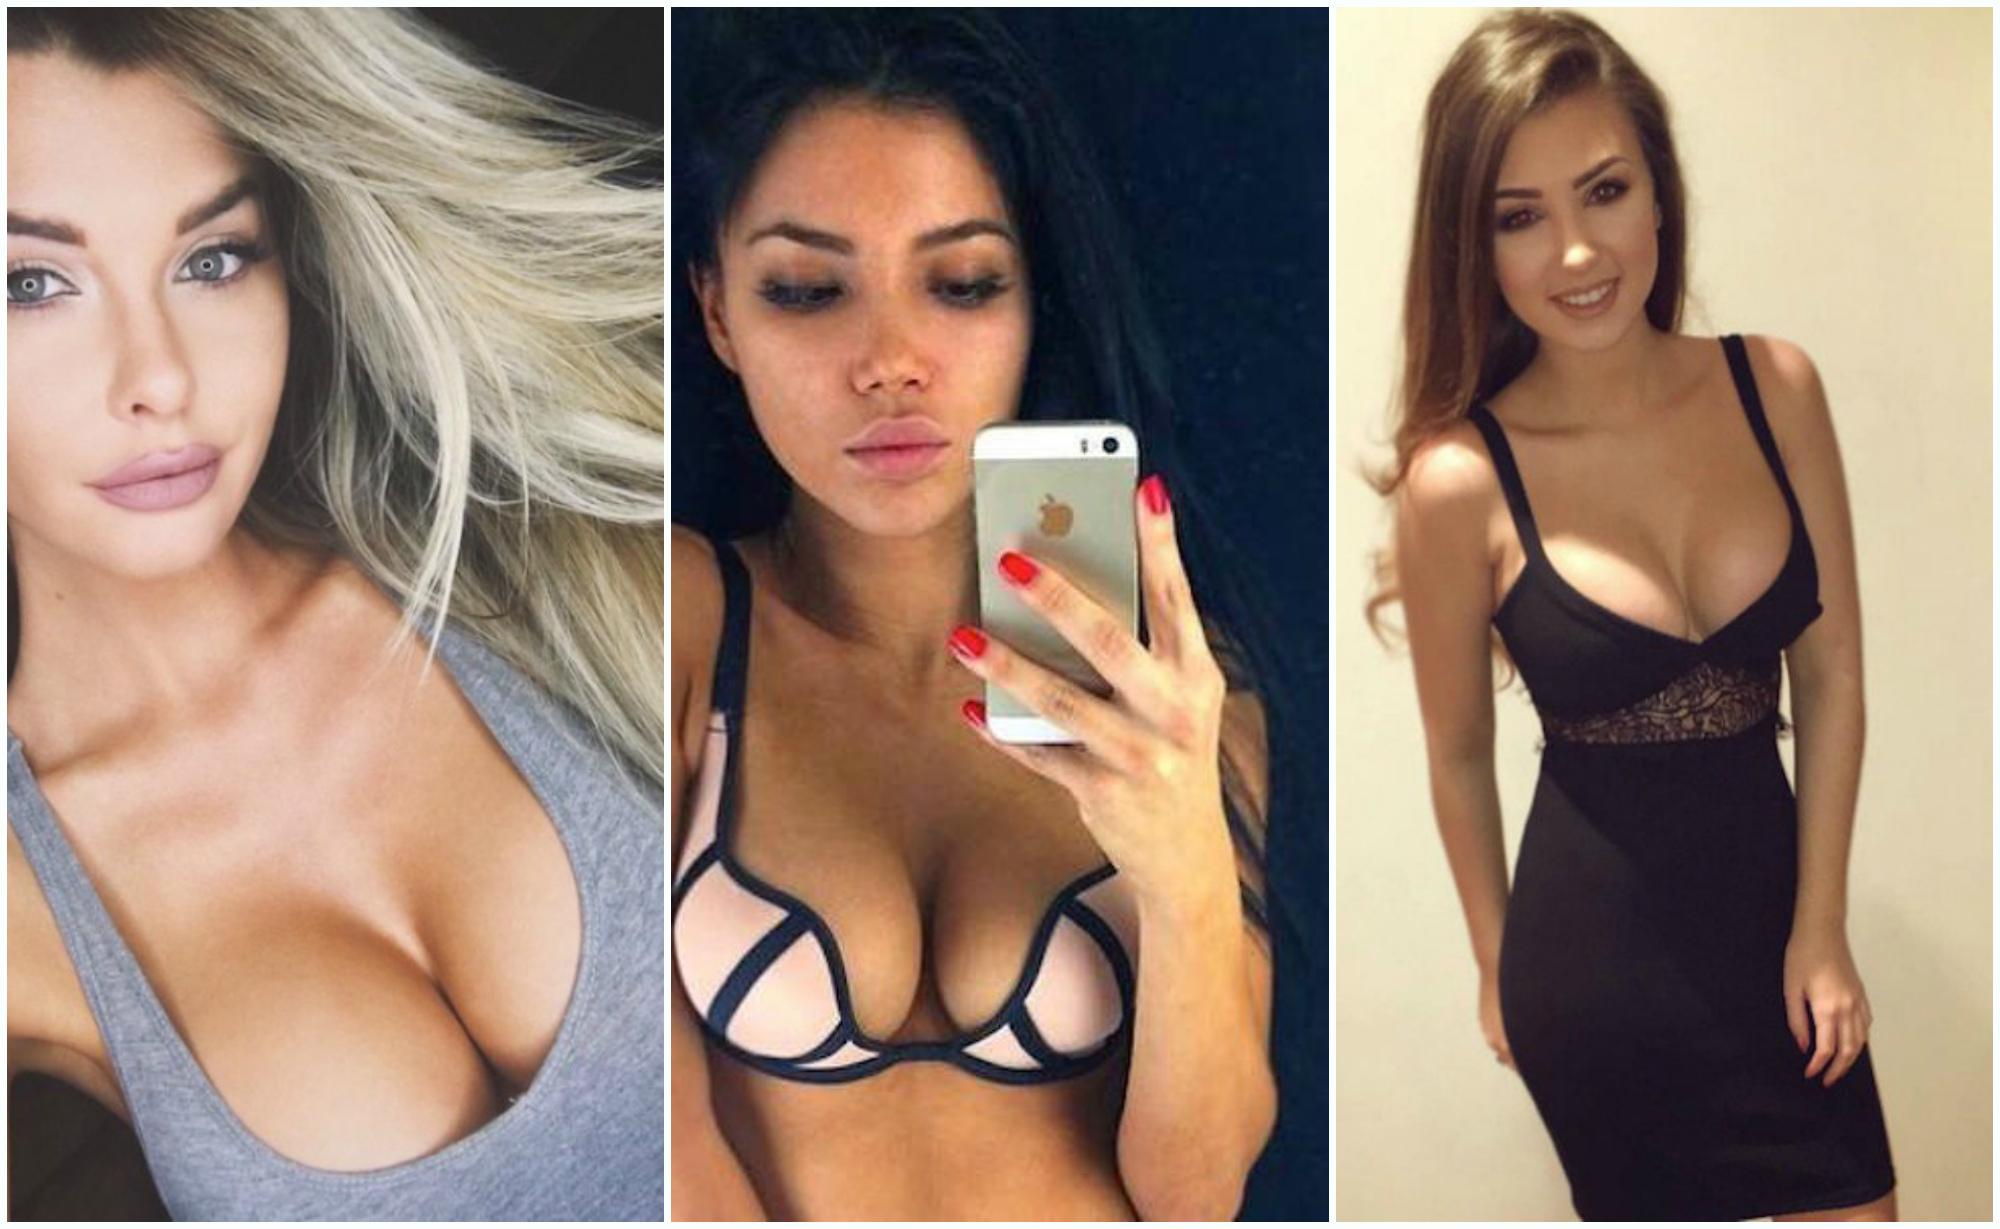 Лучше чем звезды : 22 девушки, которым очень сложно смотреть в глаза (ФОТО)